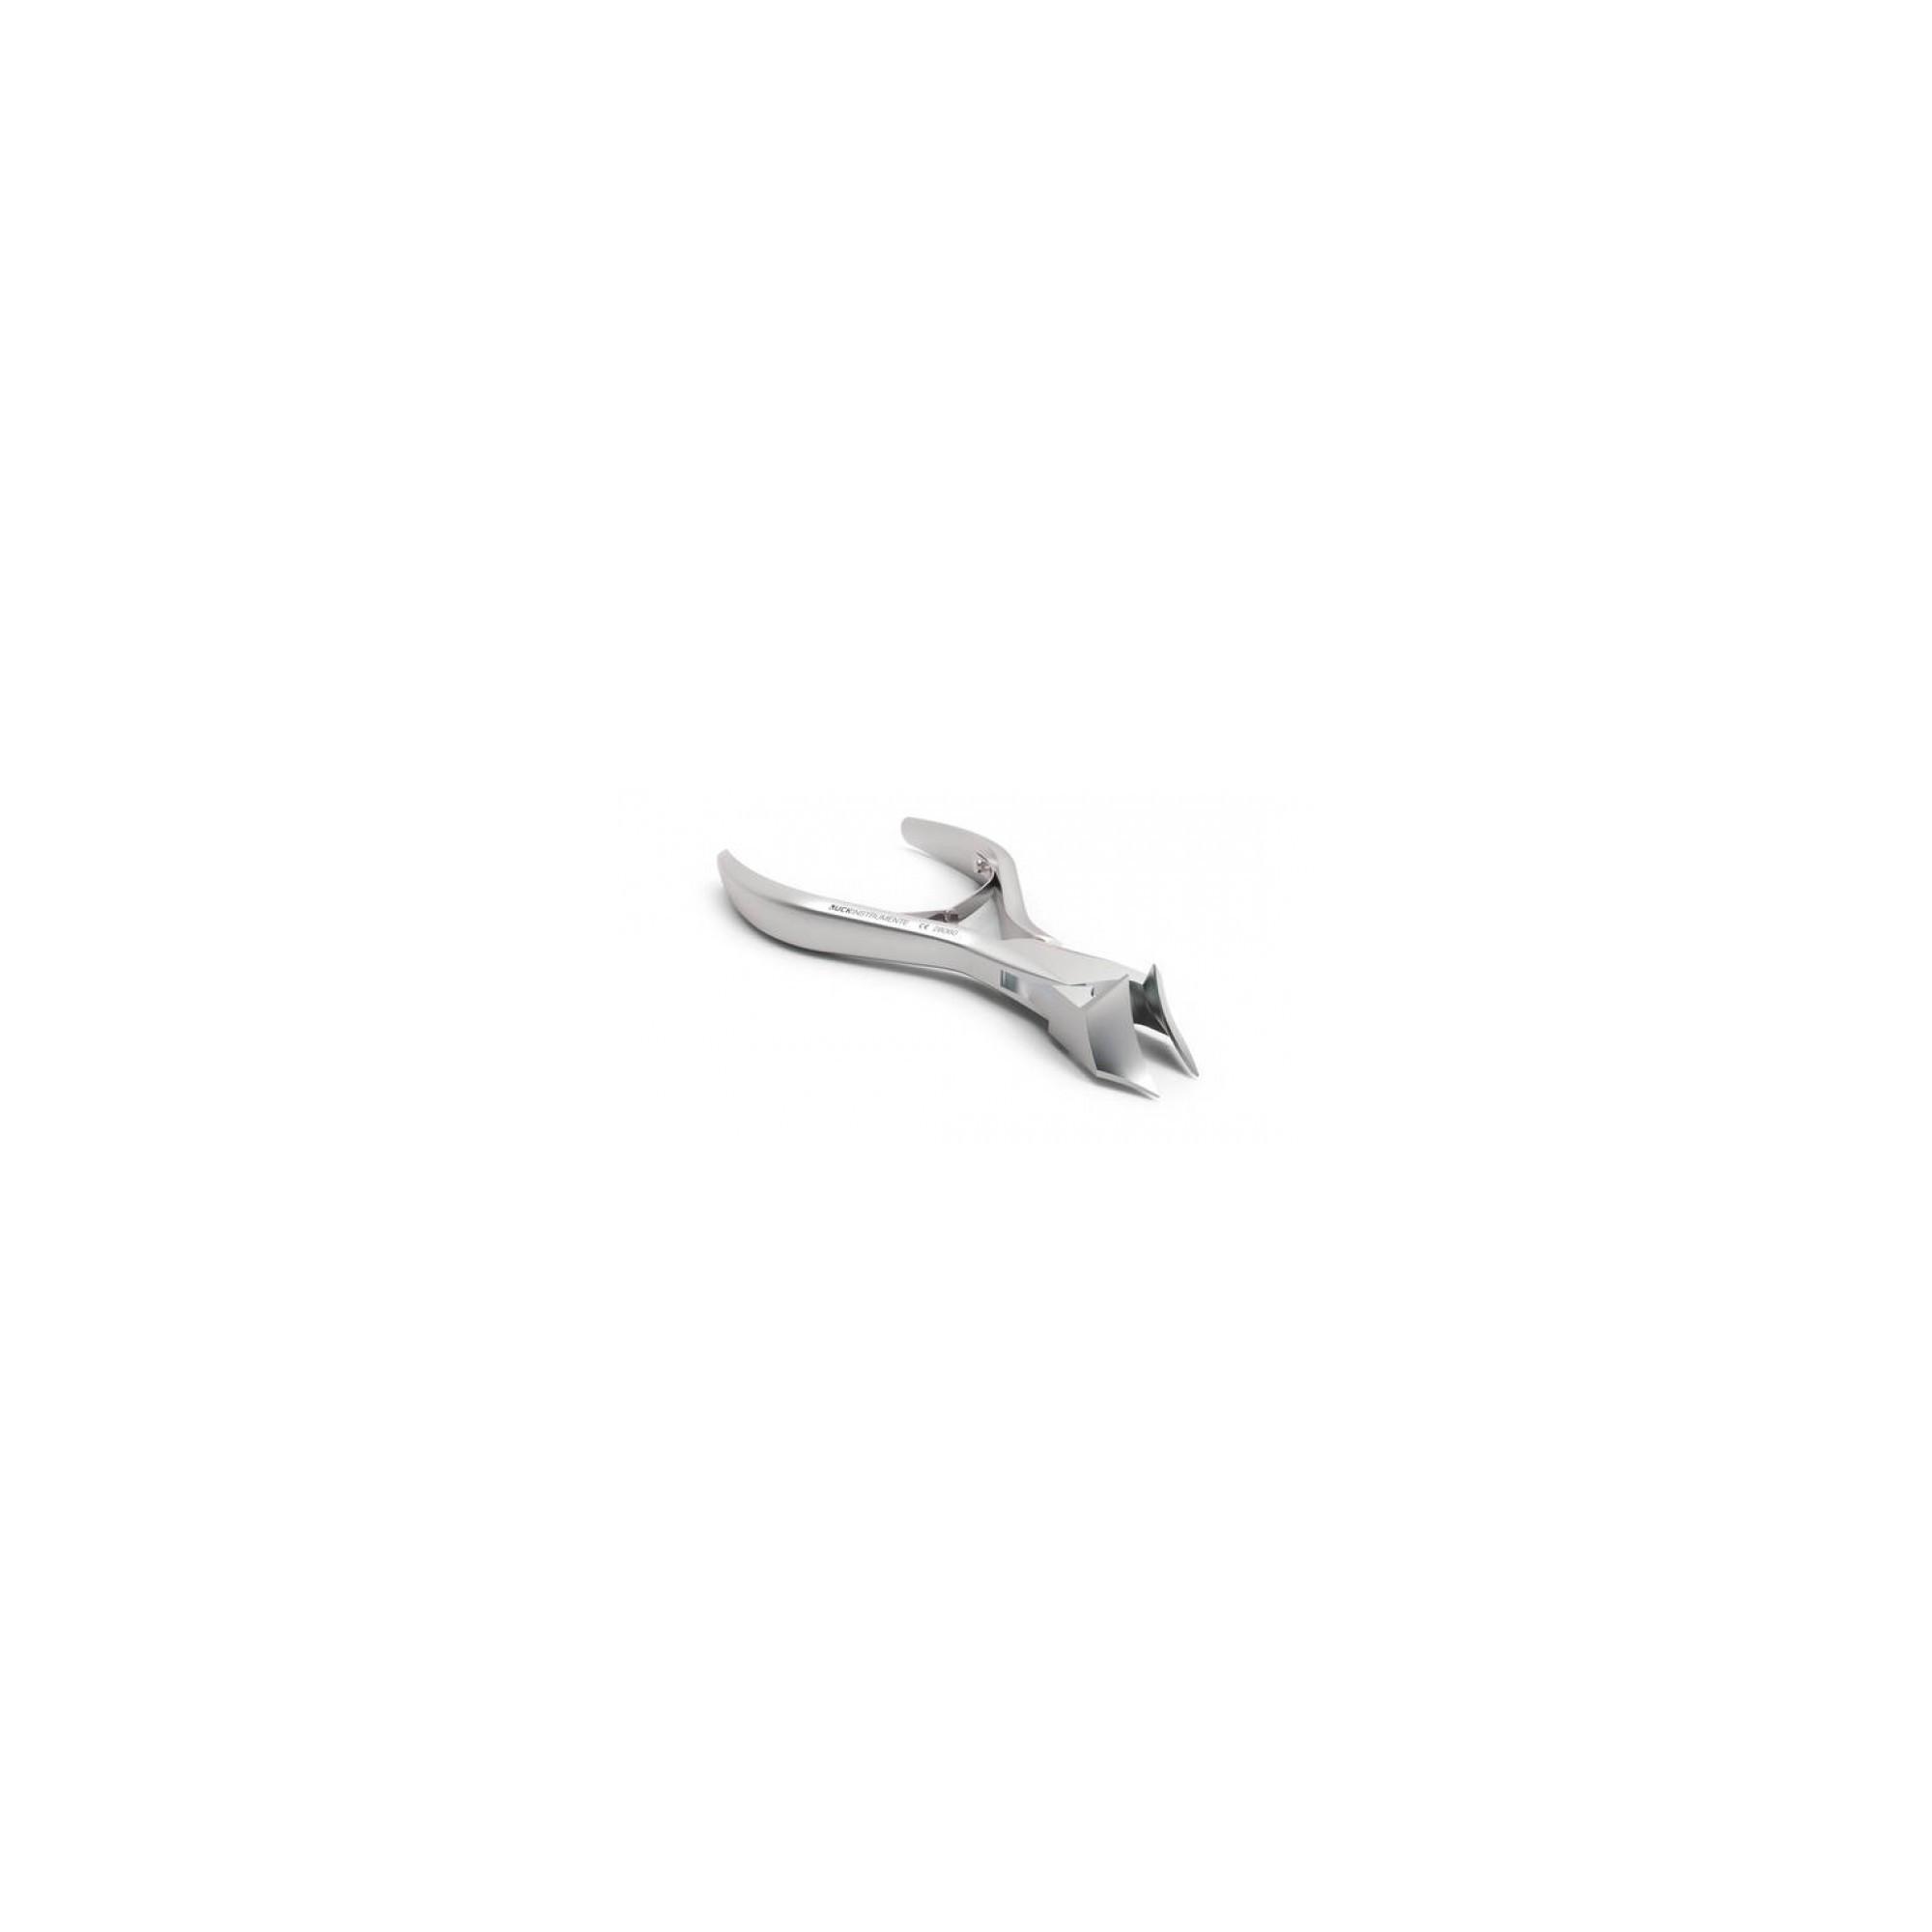 Pince à ongles oblique - mors légèrement concave - 14 cm Ruck